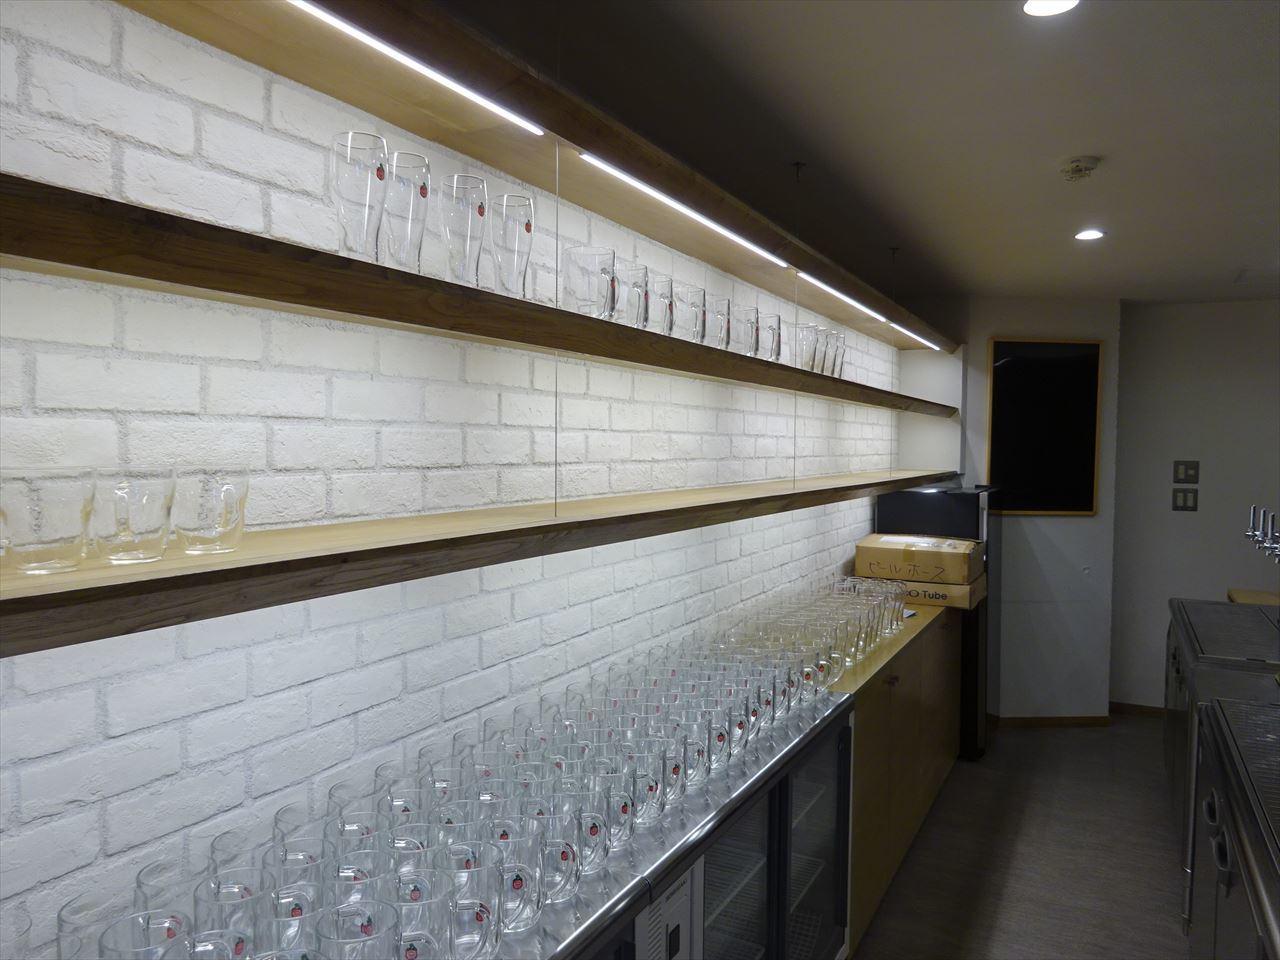 ベアレン醸造所様 駅前新店舗開店工事 工事完了へ!_f0105112_06411980.jpg